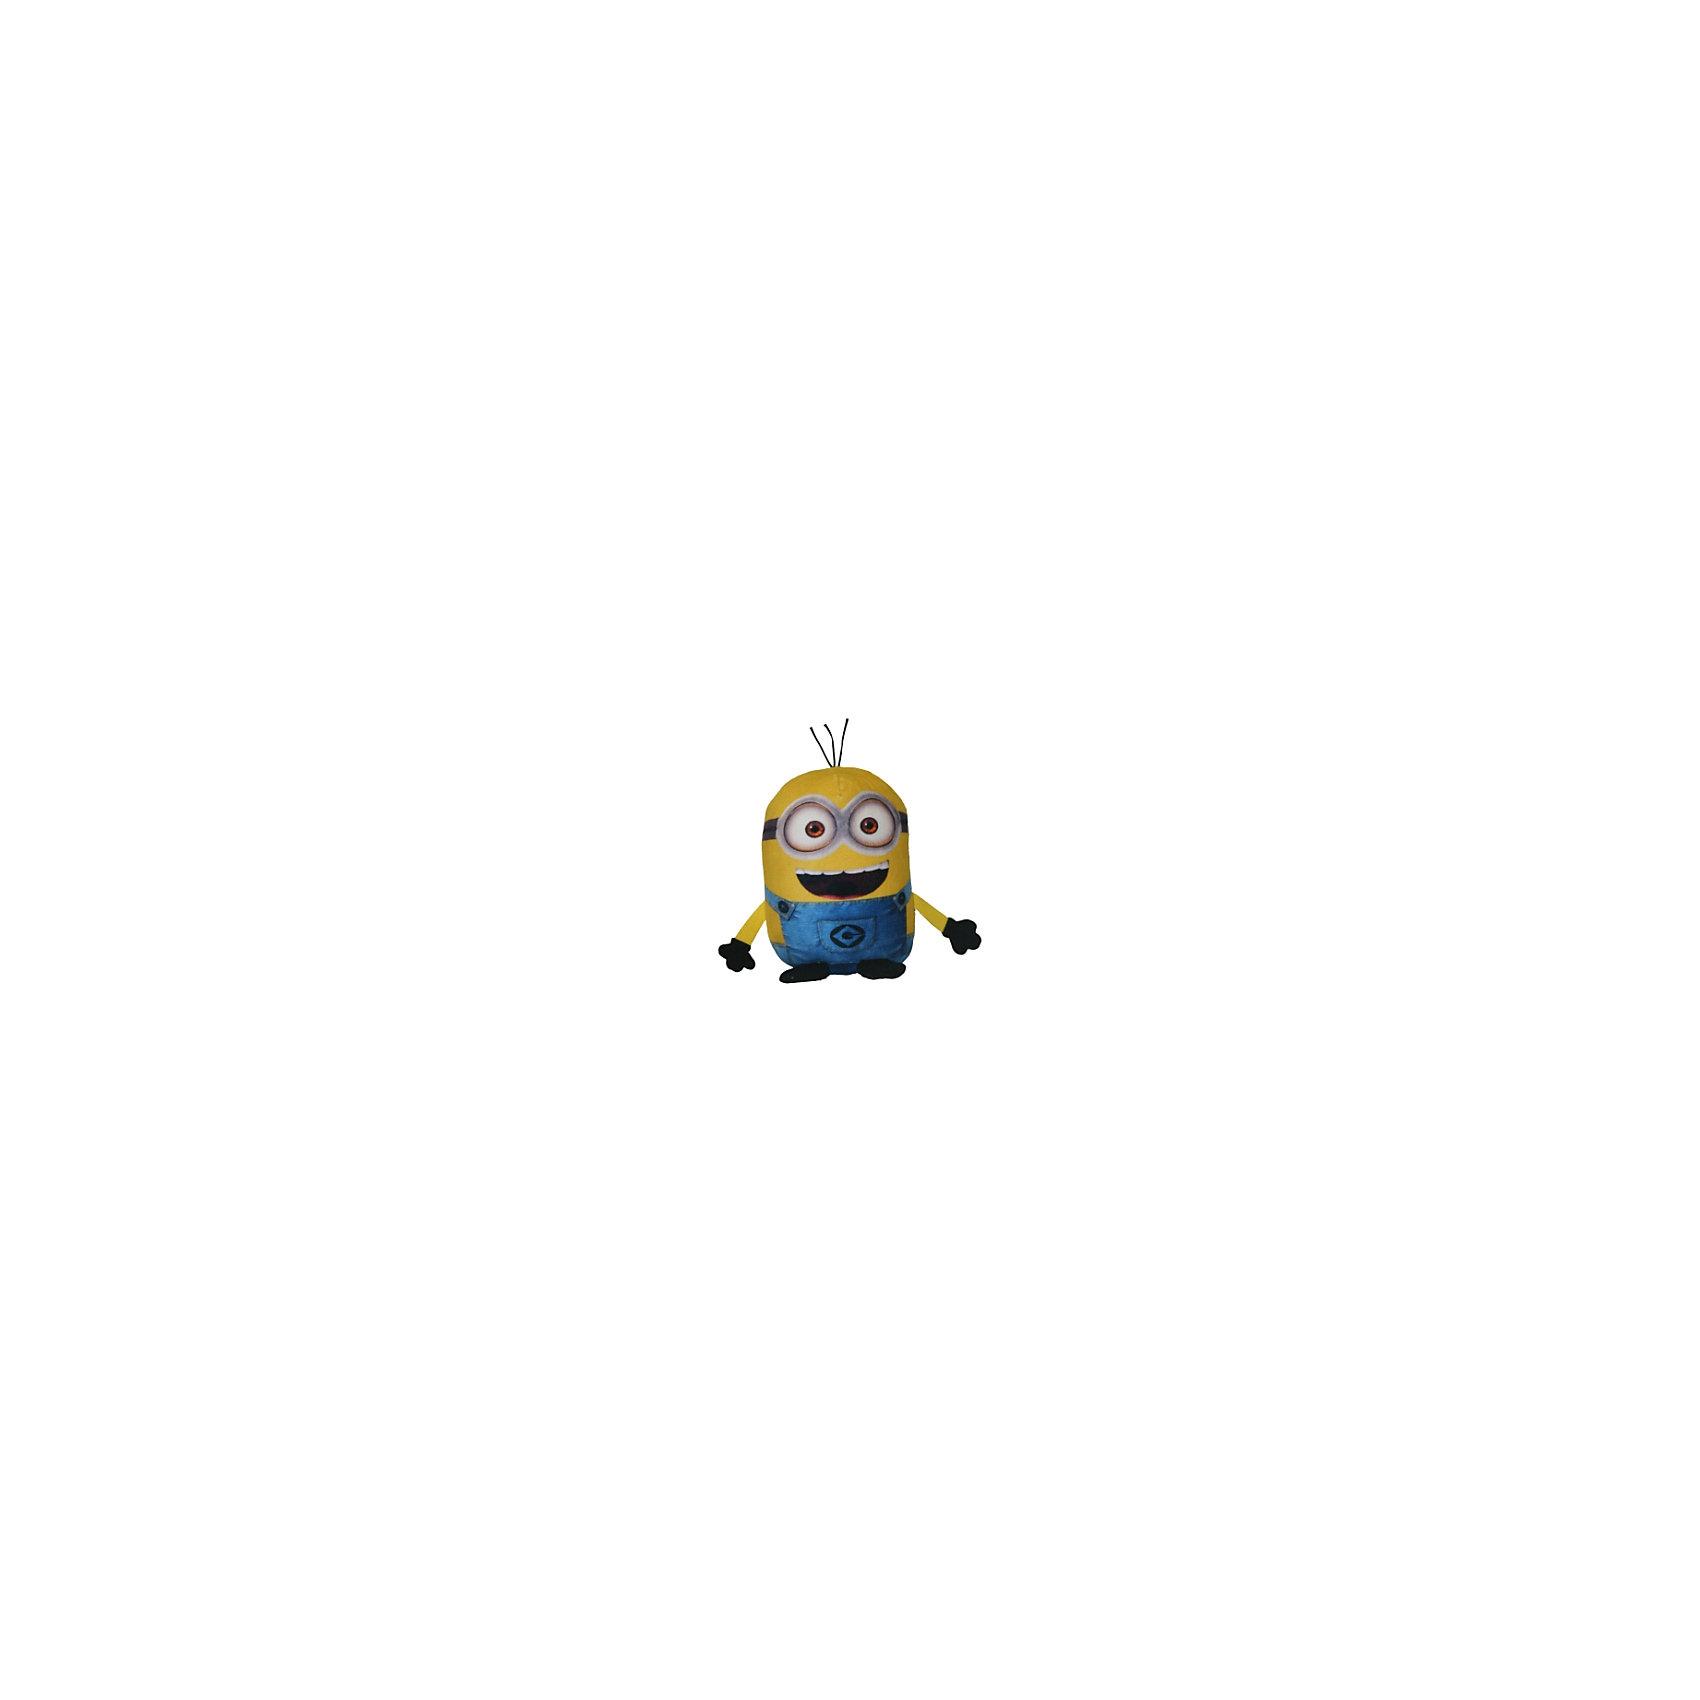 Игрушка-подушка Миньон В20, арт. 2876-4/20 (2876-4/20)